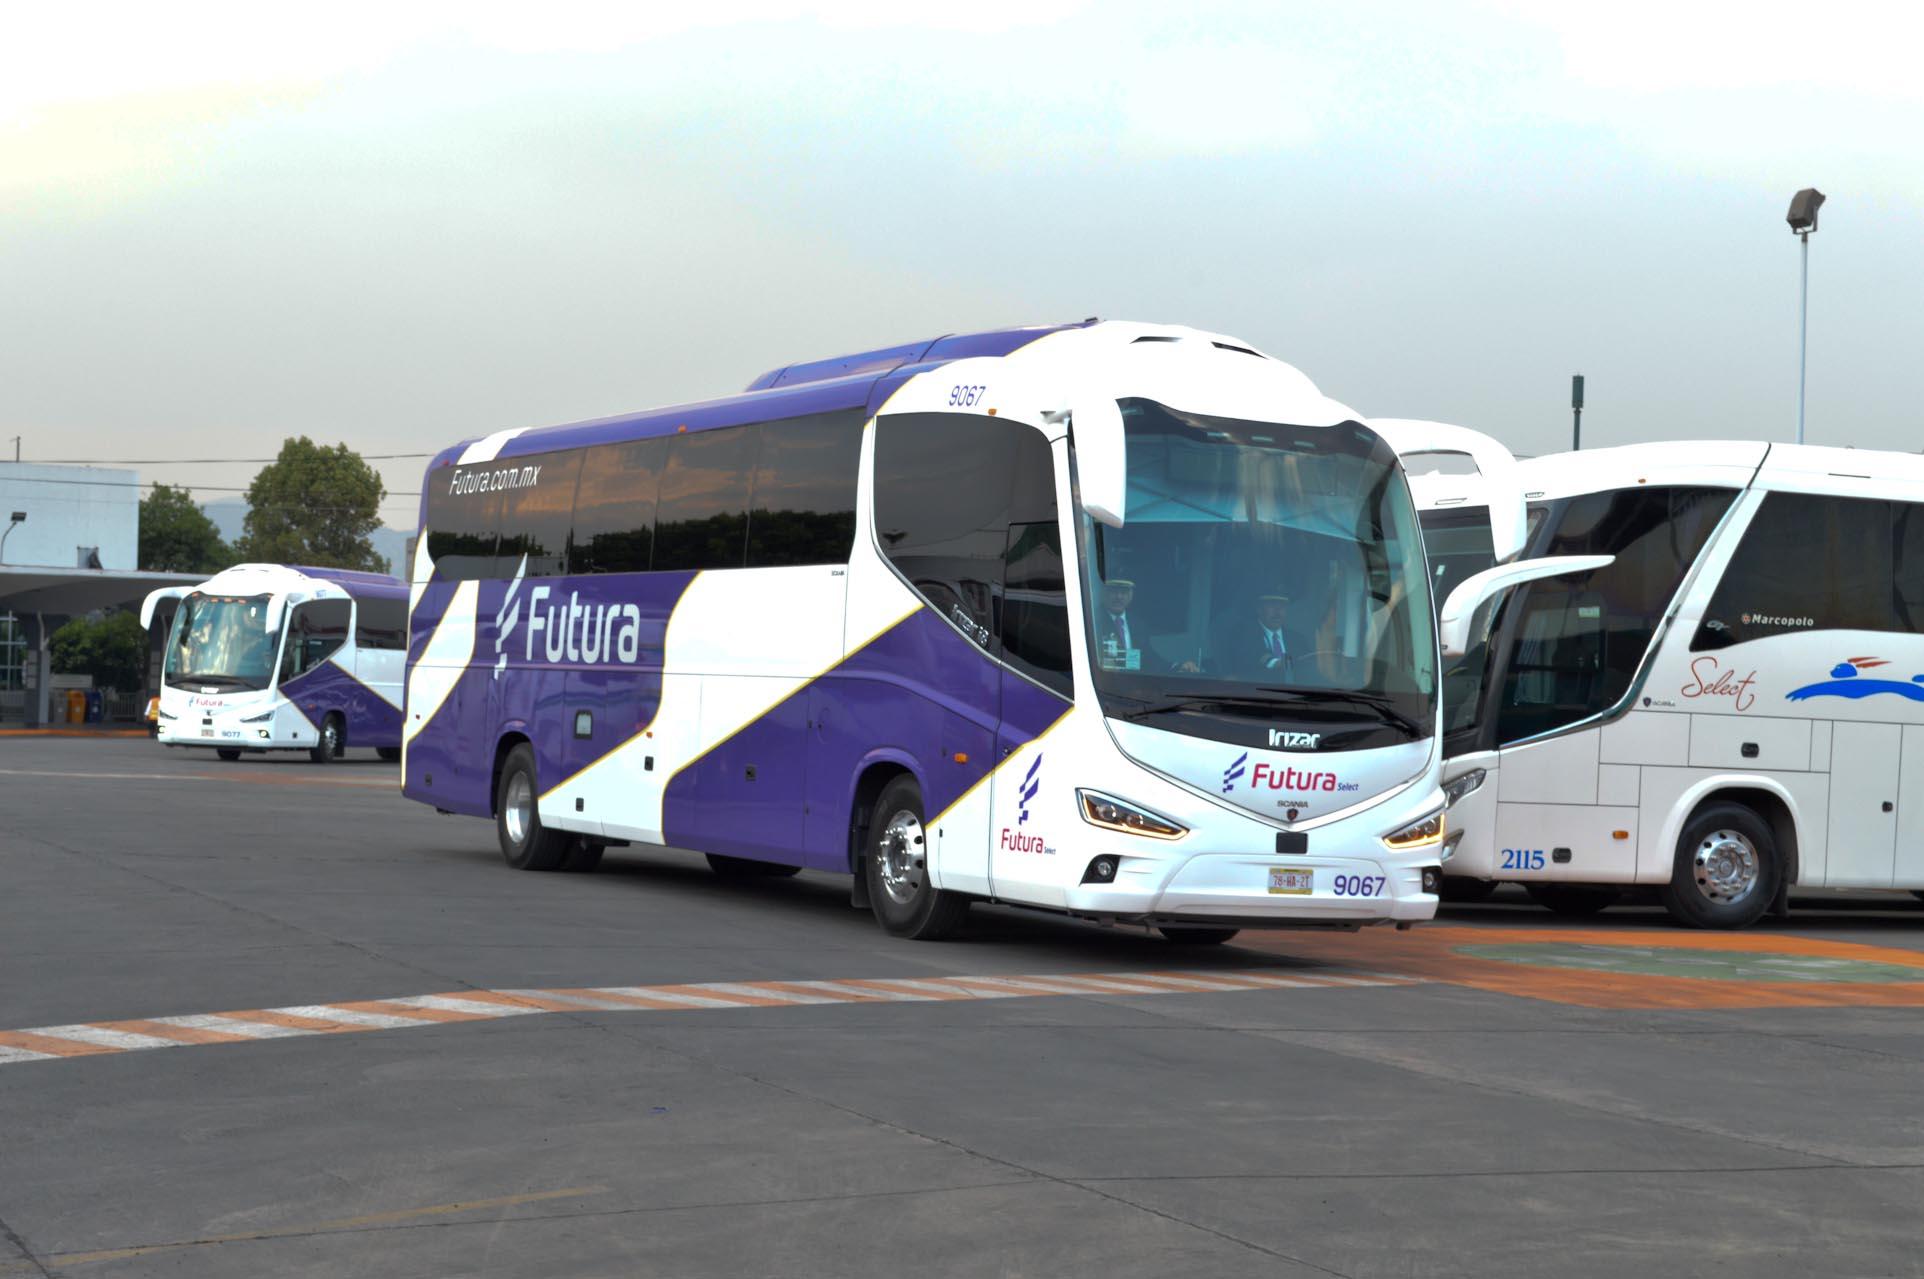 Futura Select consiente a sus pasajeros; estrena imagen y buses